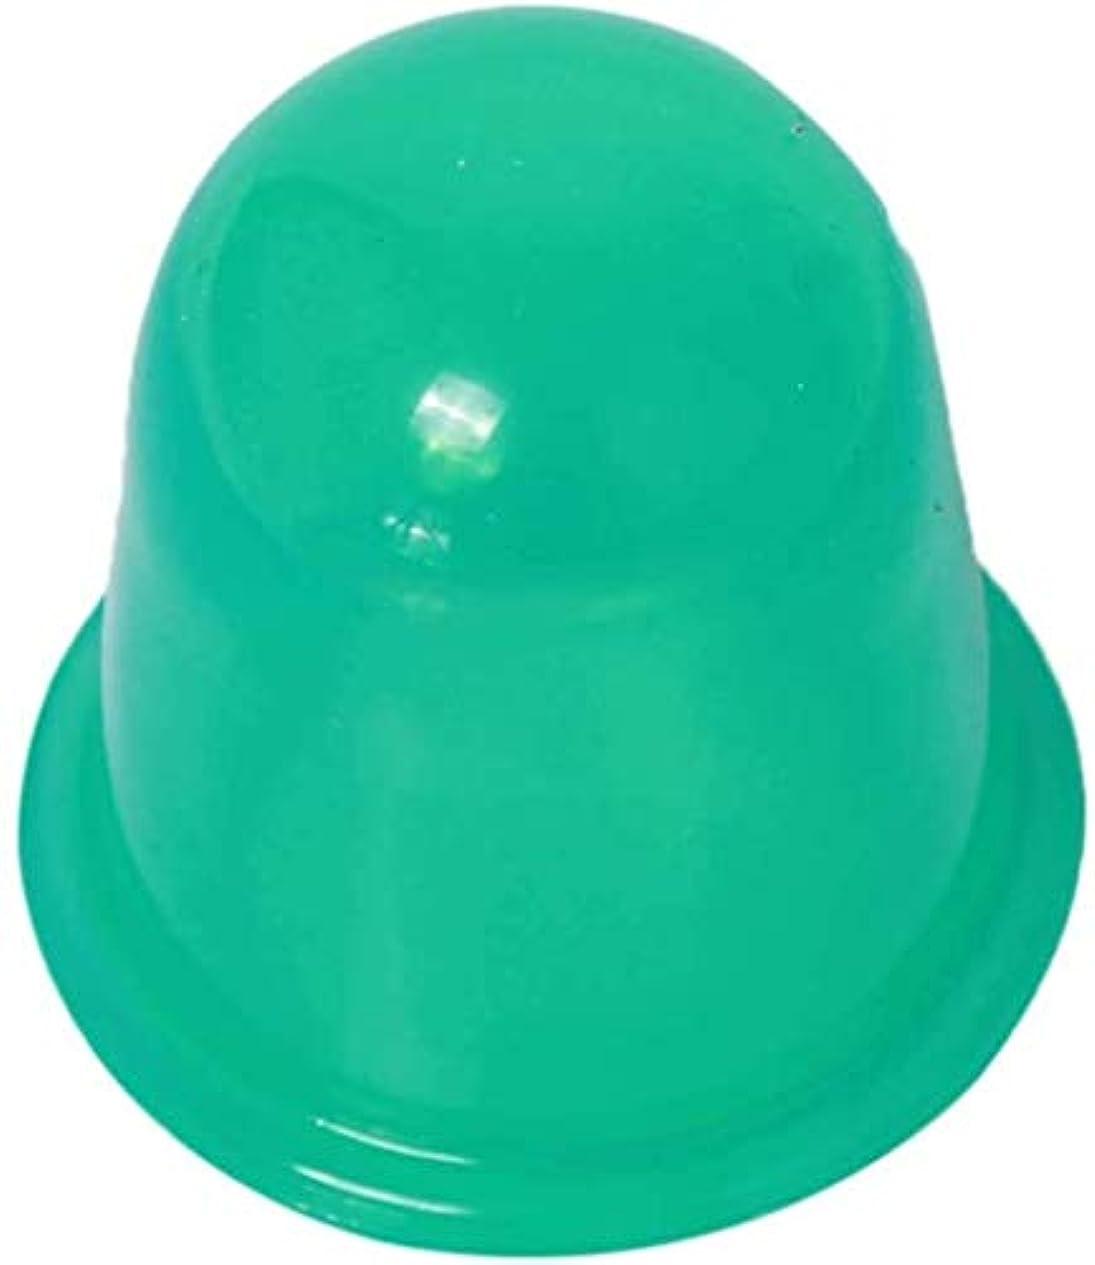 繊維風刺建てるシリコーンカップ、浚渫経絡をカッピングカッピングデバイス、シリコンカッピングデバイス、バキューム、痛みを緩和し、血液循環を促進 (Color : 緑, Size : 2pcs)